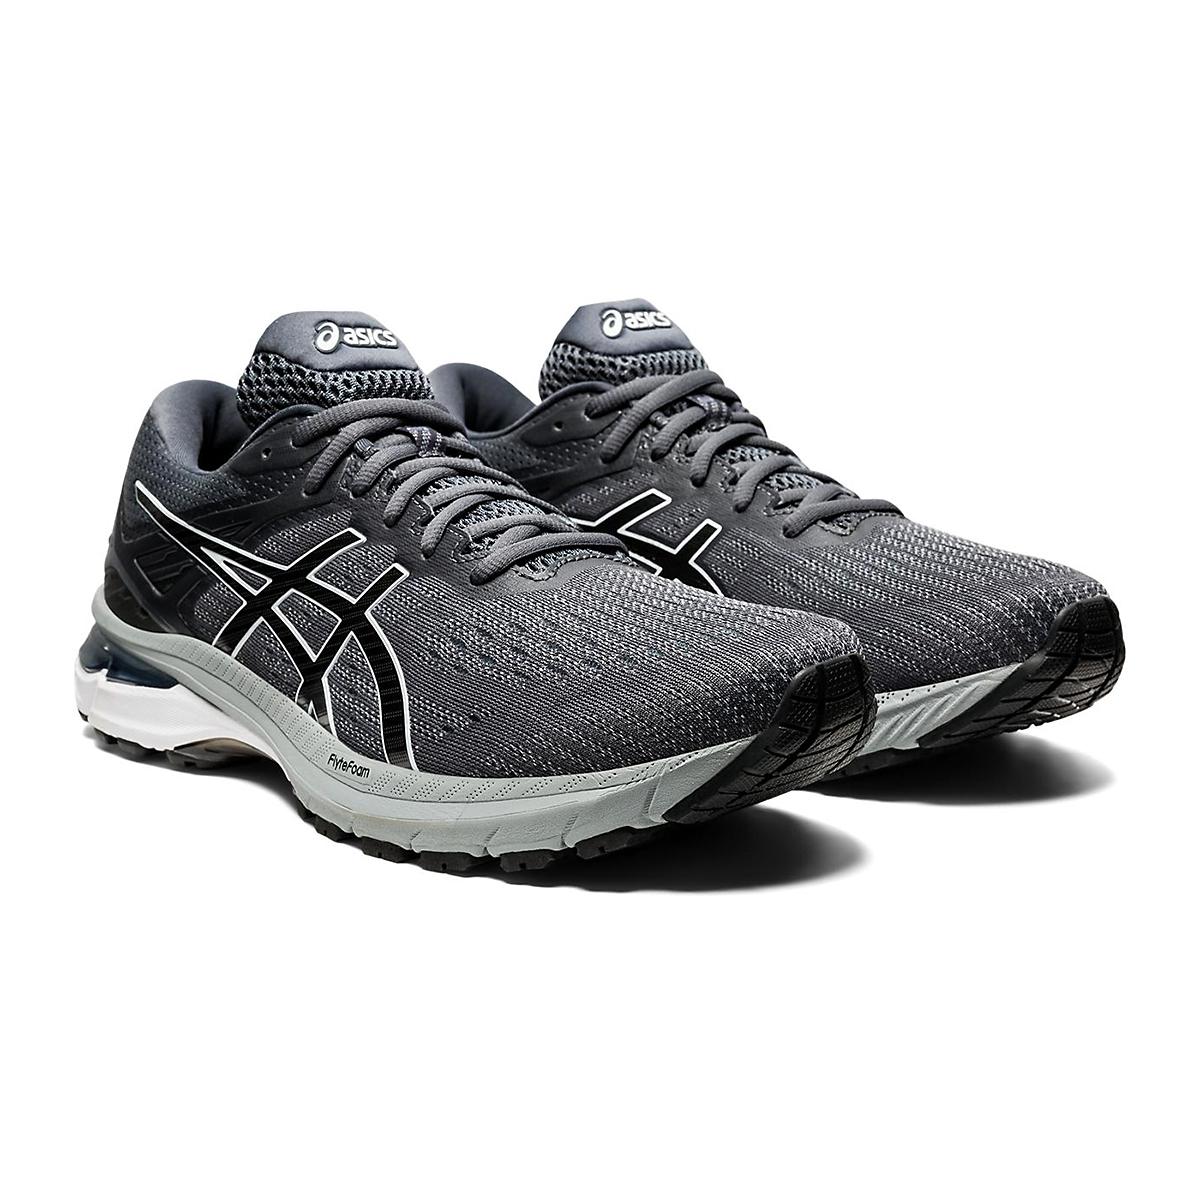 Men's Asics Gt-2000 9 Running Shoe - Color: Carrier Grey/Black - Size: 11 - Width: Regular, Carrier Grey/Black, large, image 4